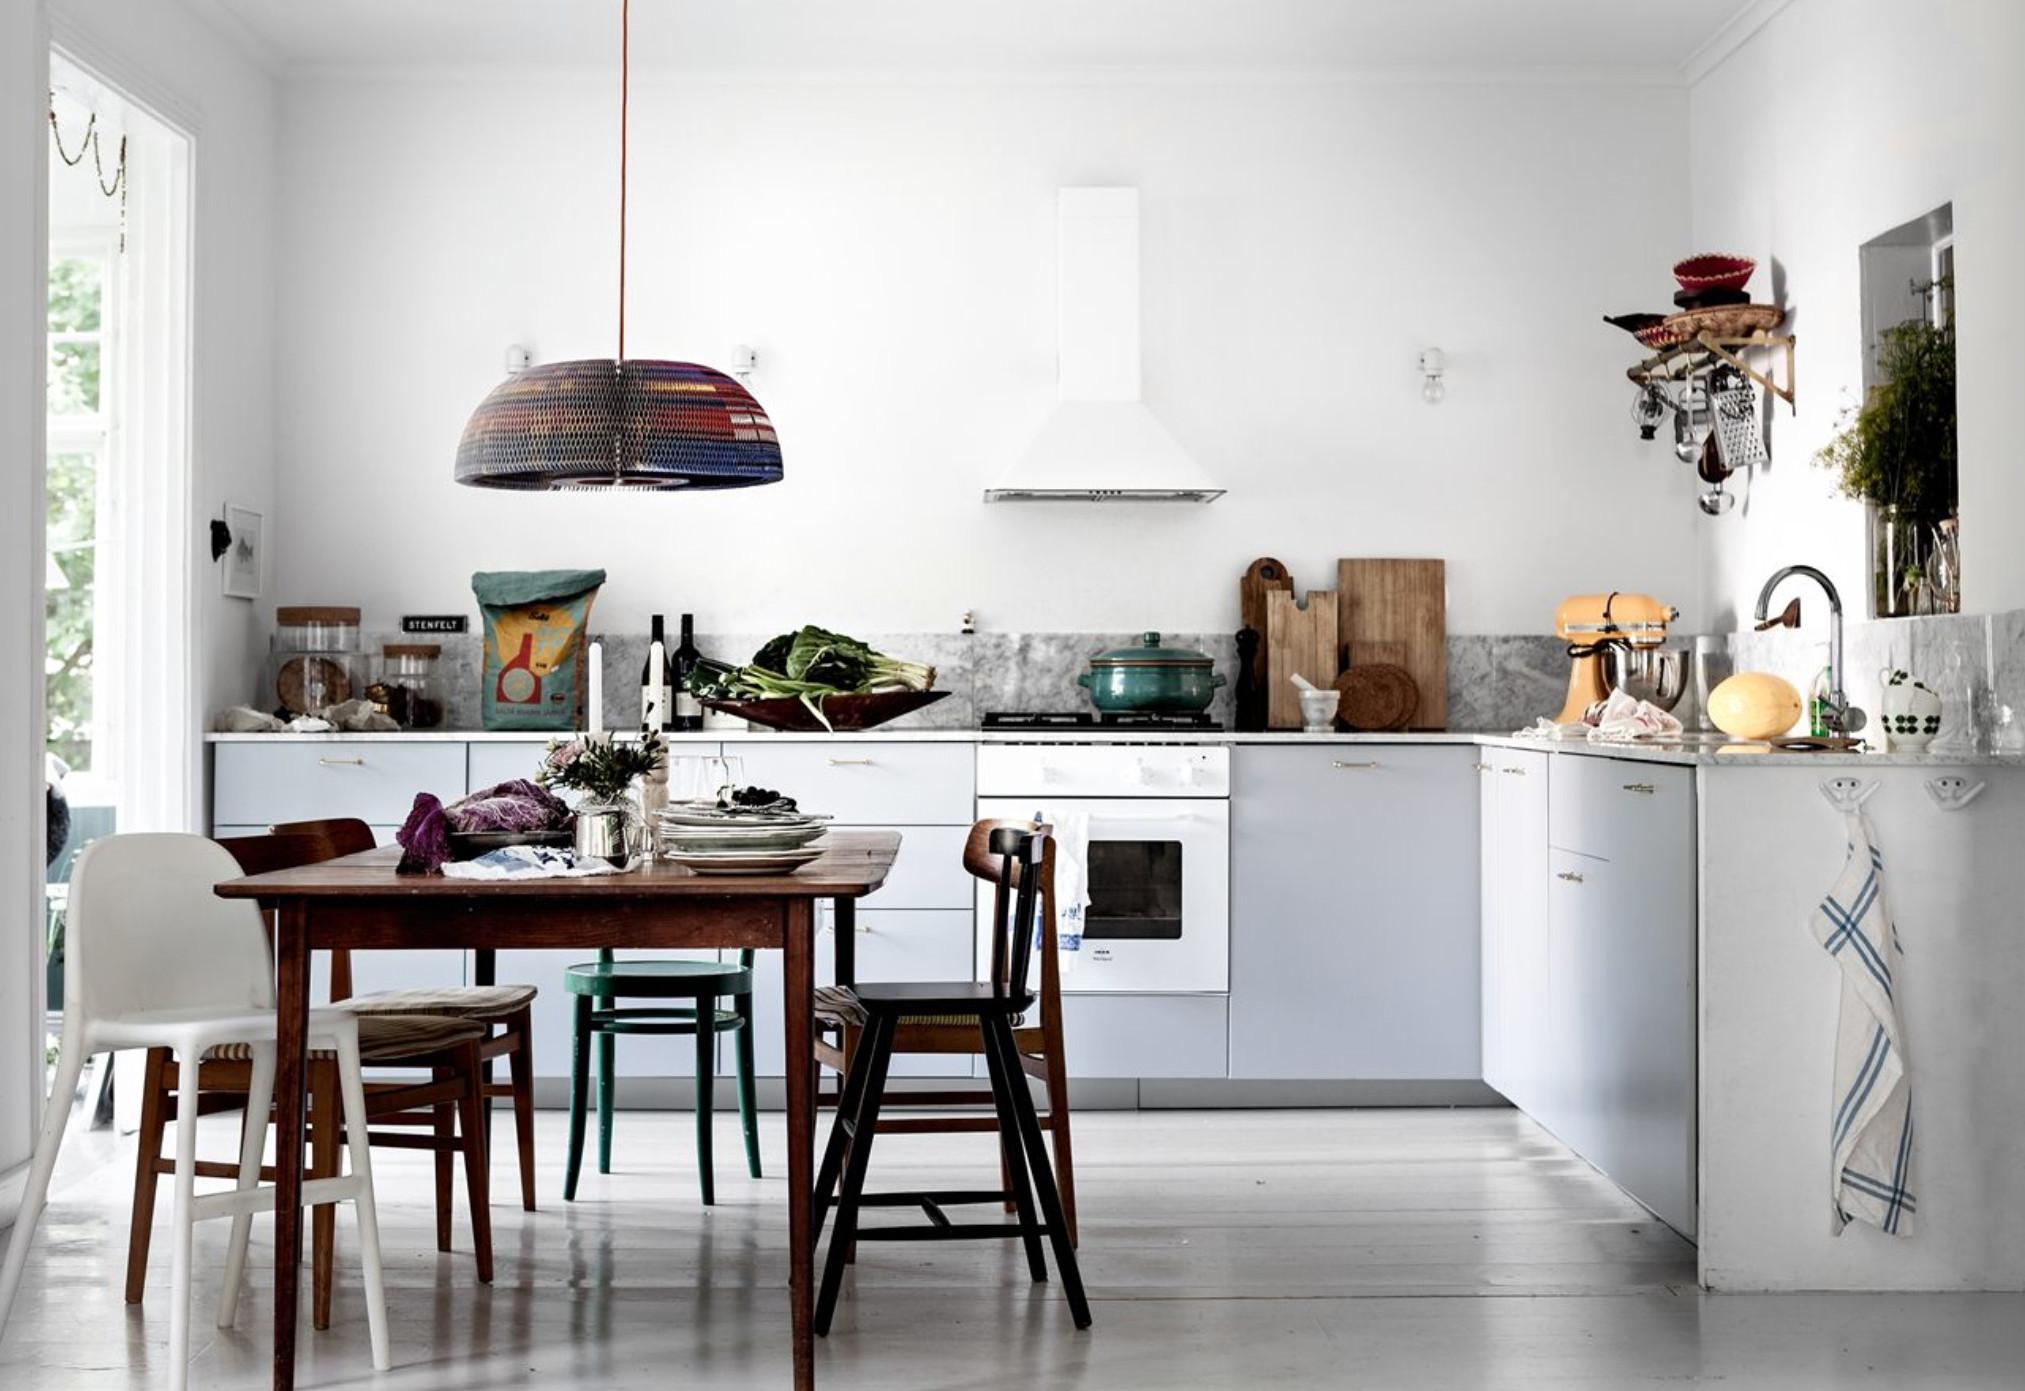 Colori pastello per una casa con veranda in the mood for - Colori per casa ...